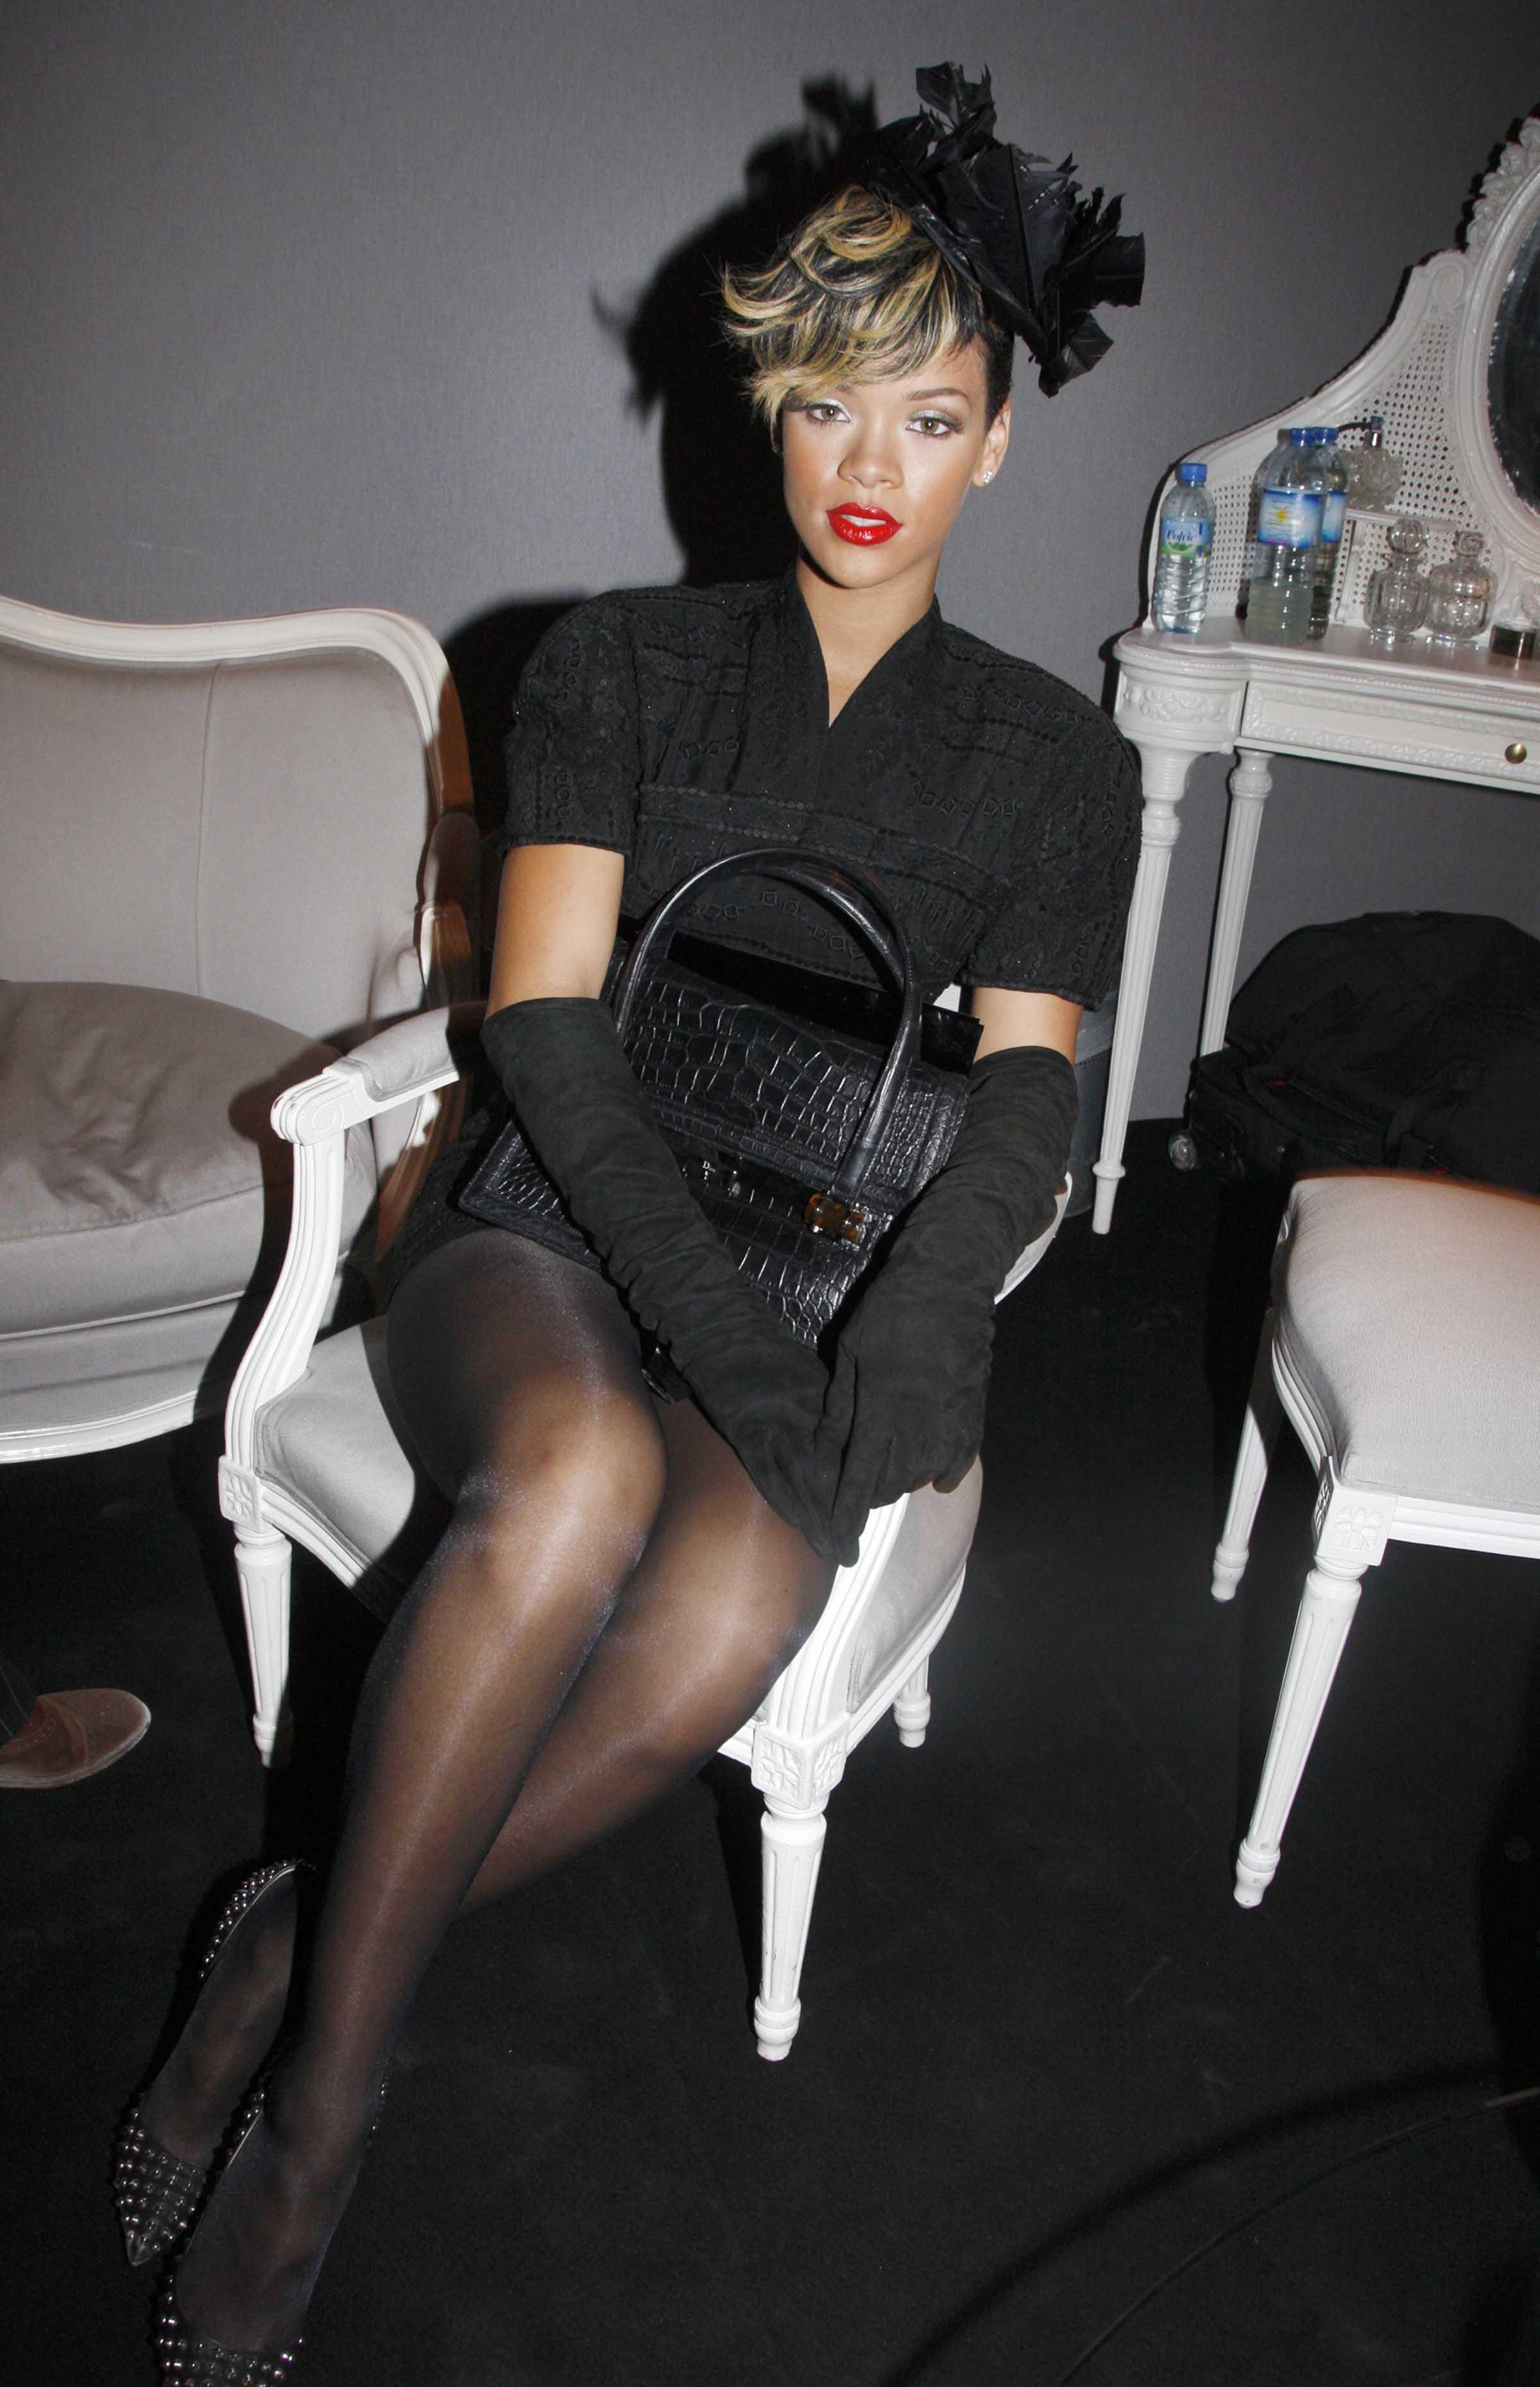 46074_celebrity-paradise.com-The_Elder-Rihanna_2009-10-02_-_at_the_Christian_Dior_Pret_a_Porter_show_4266_122_14lo.jpg